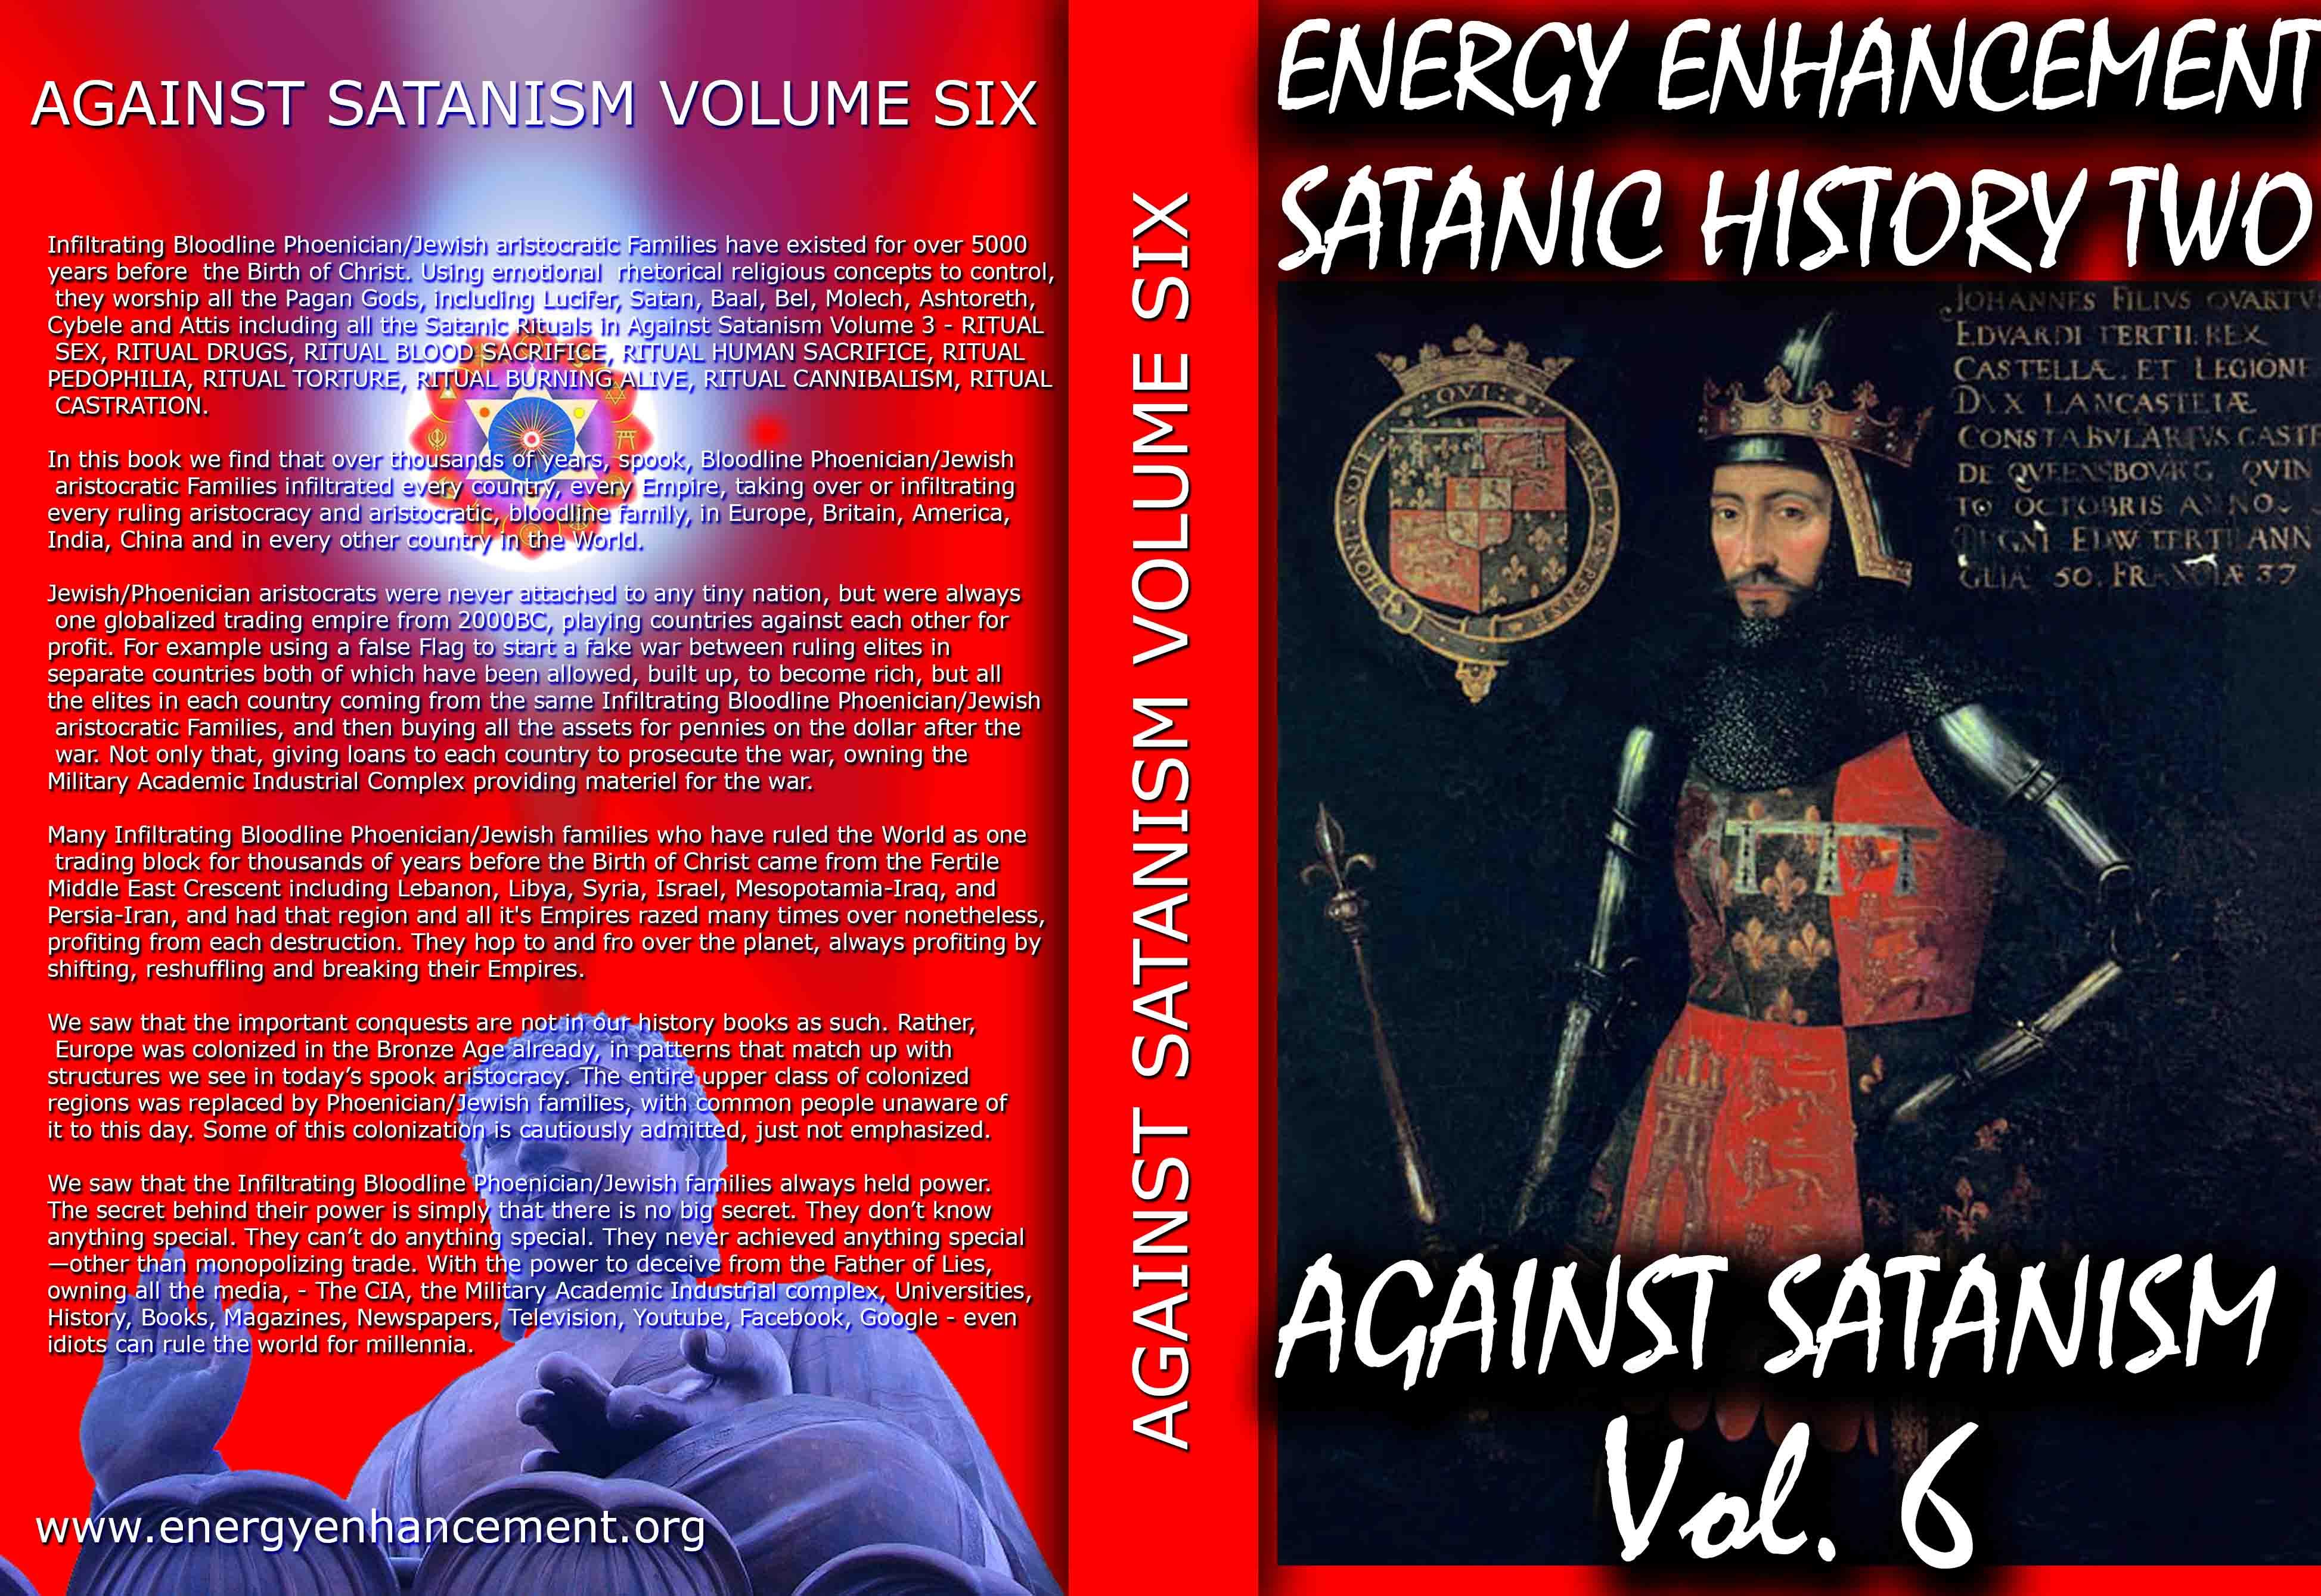 Description: Description: C:\wnew\Sacred-Energy\Against-Satanism-Volume-6\Against-Satanism-six-cover.jpg